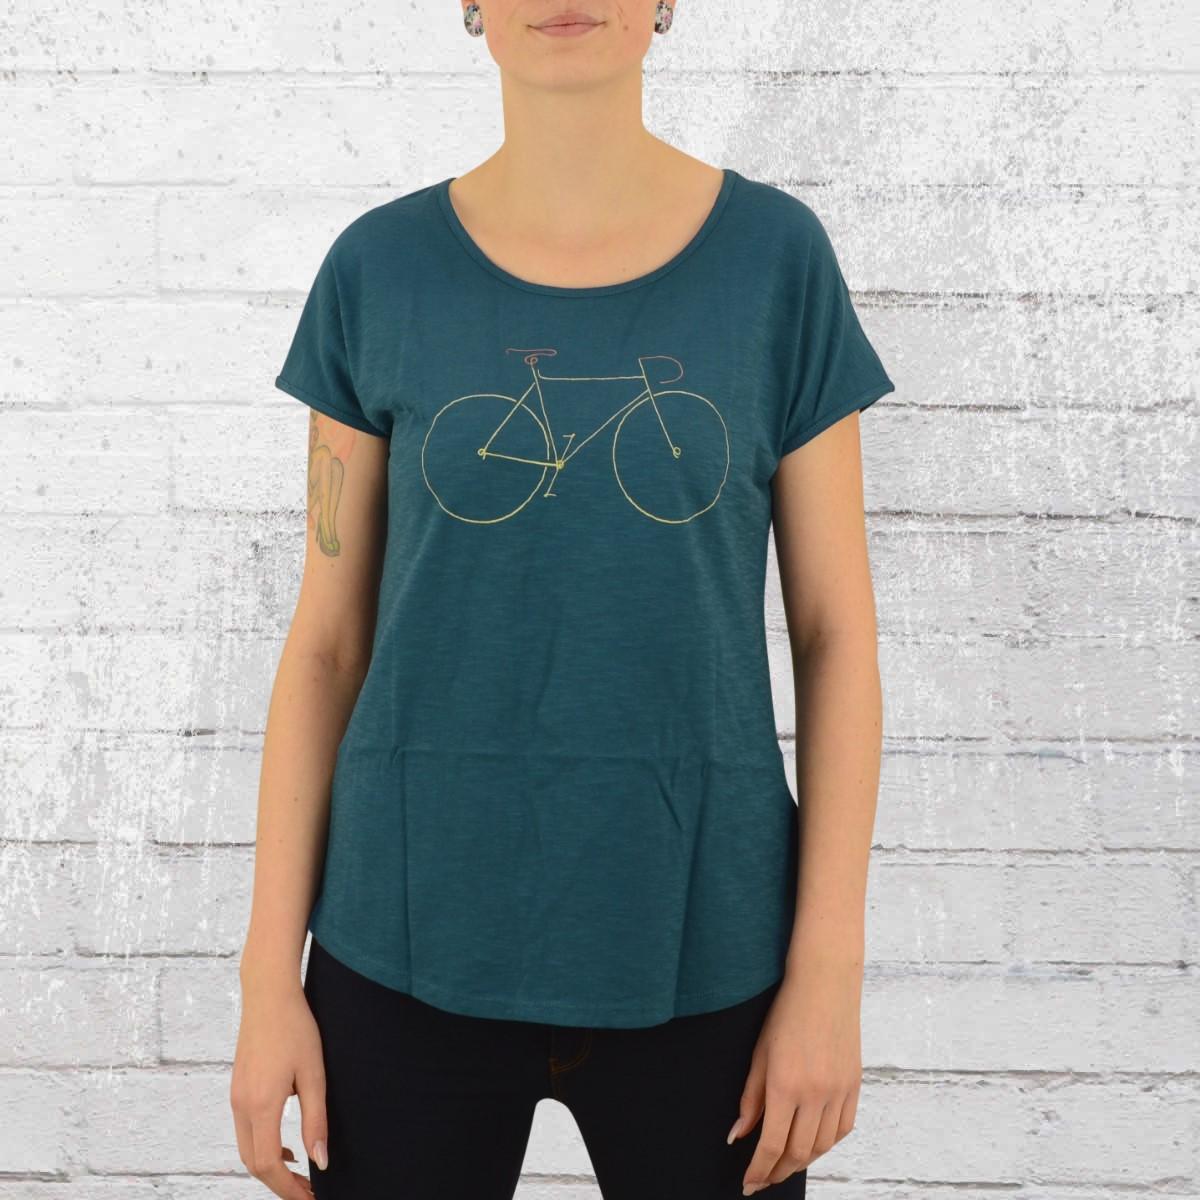 Jetzt bestellen   Greenbomb Damen Fahrrad T-Shirt Bike Line petrol ... bf3f6f2f13